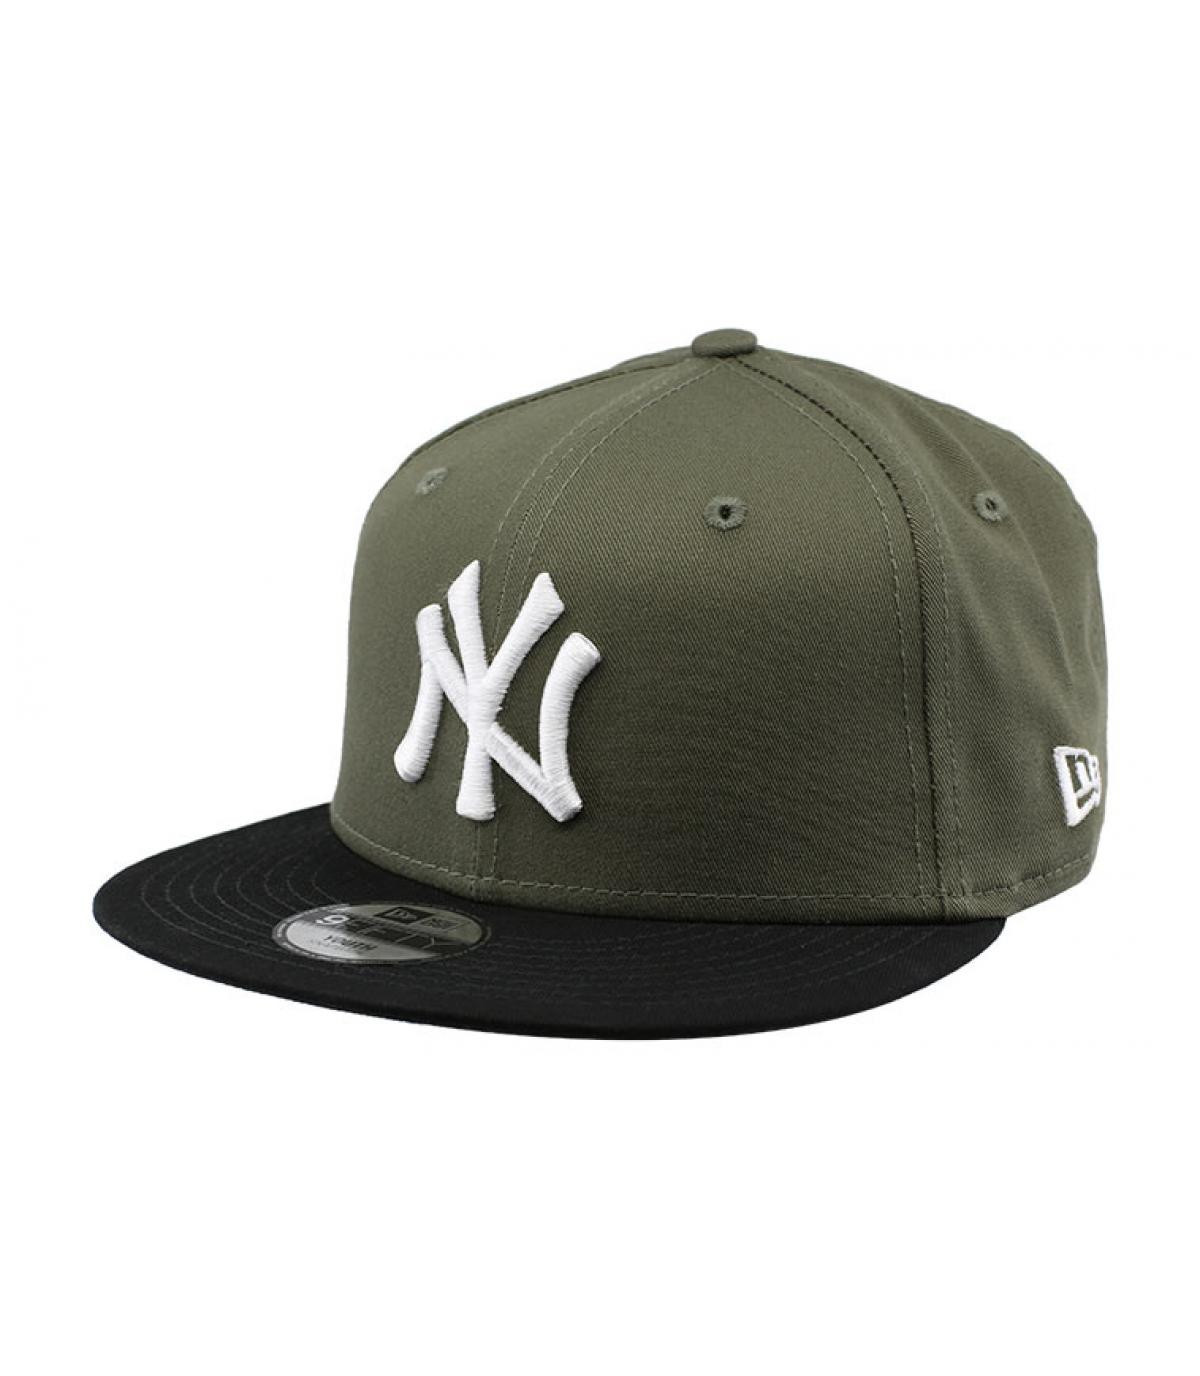 Kinder Cap NY grün schwarz